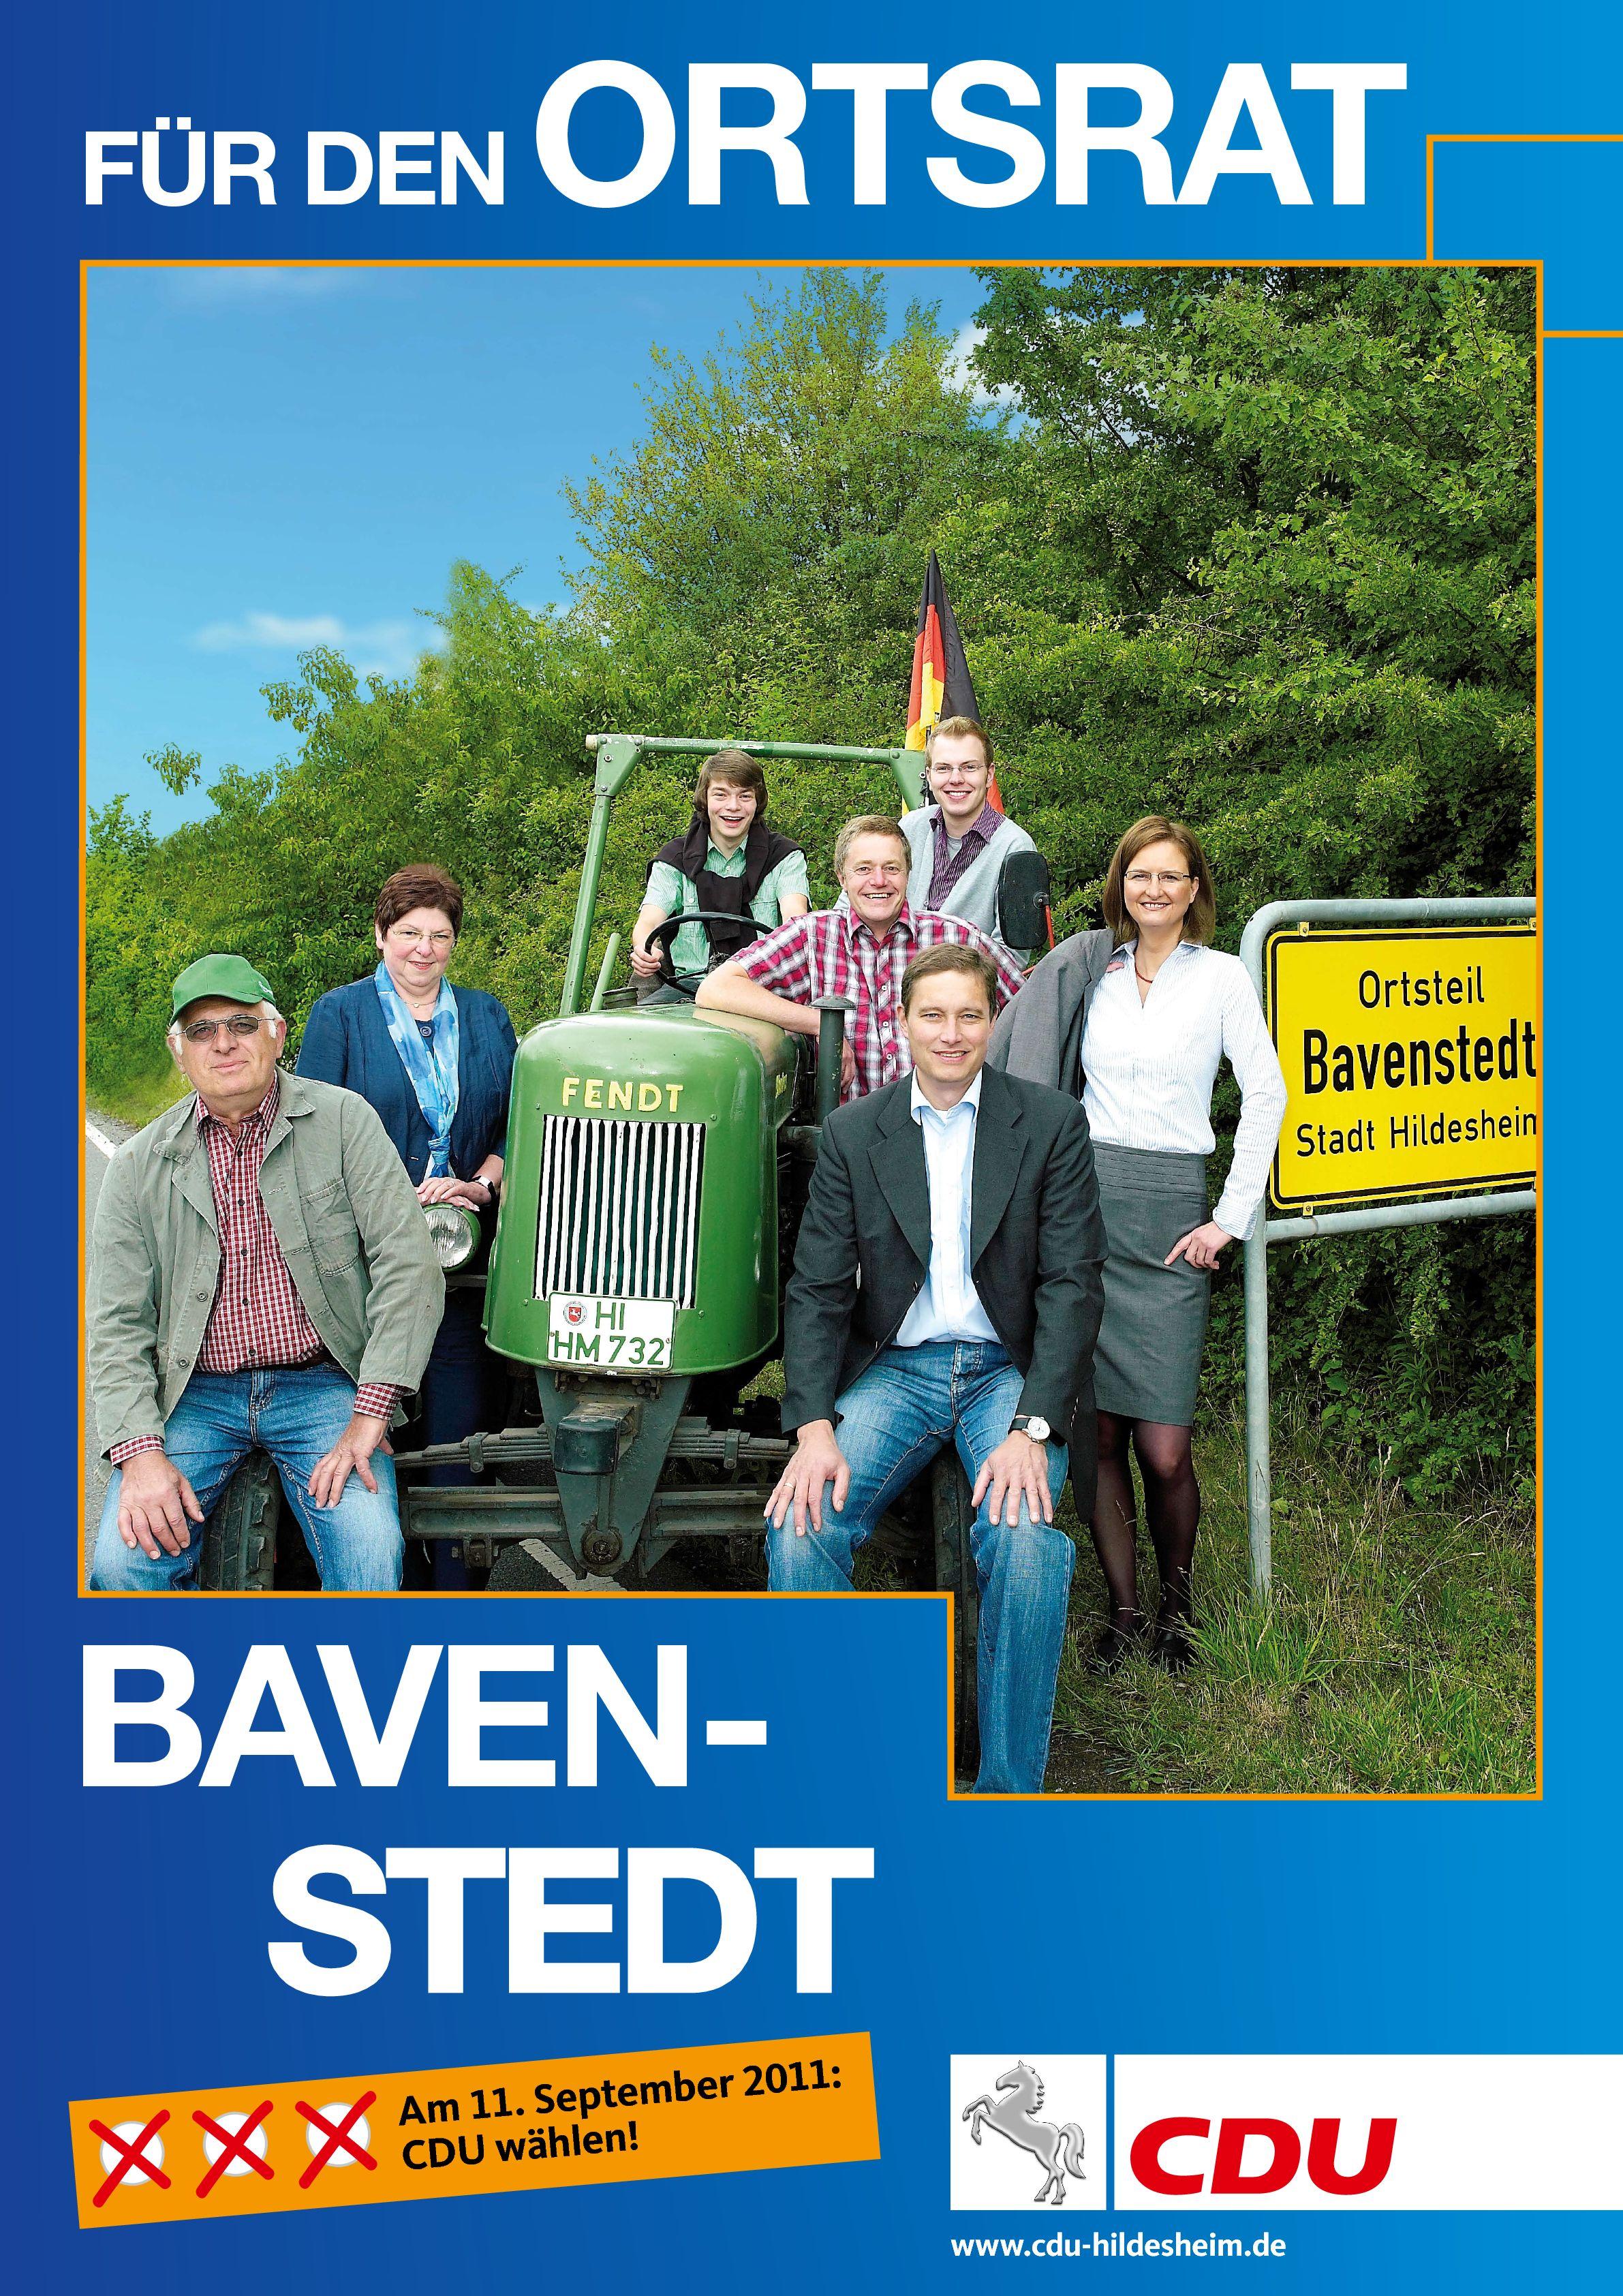 1acdc71f99c1f9 CDU Stadtverband Hildesheim - Bavenstedt -